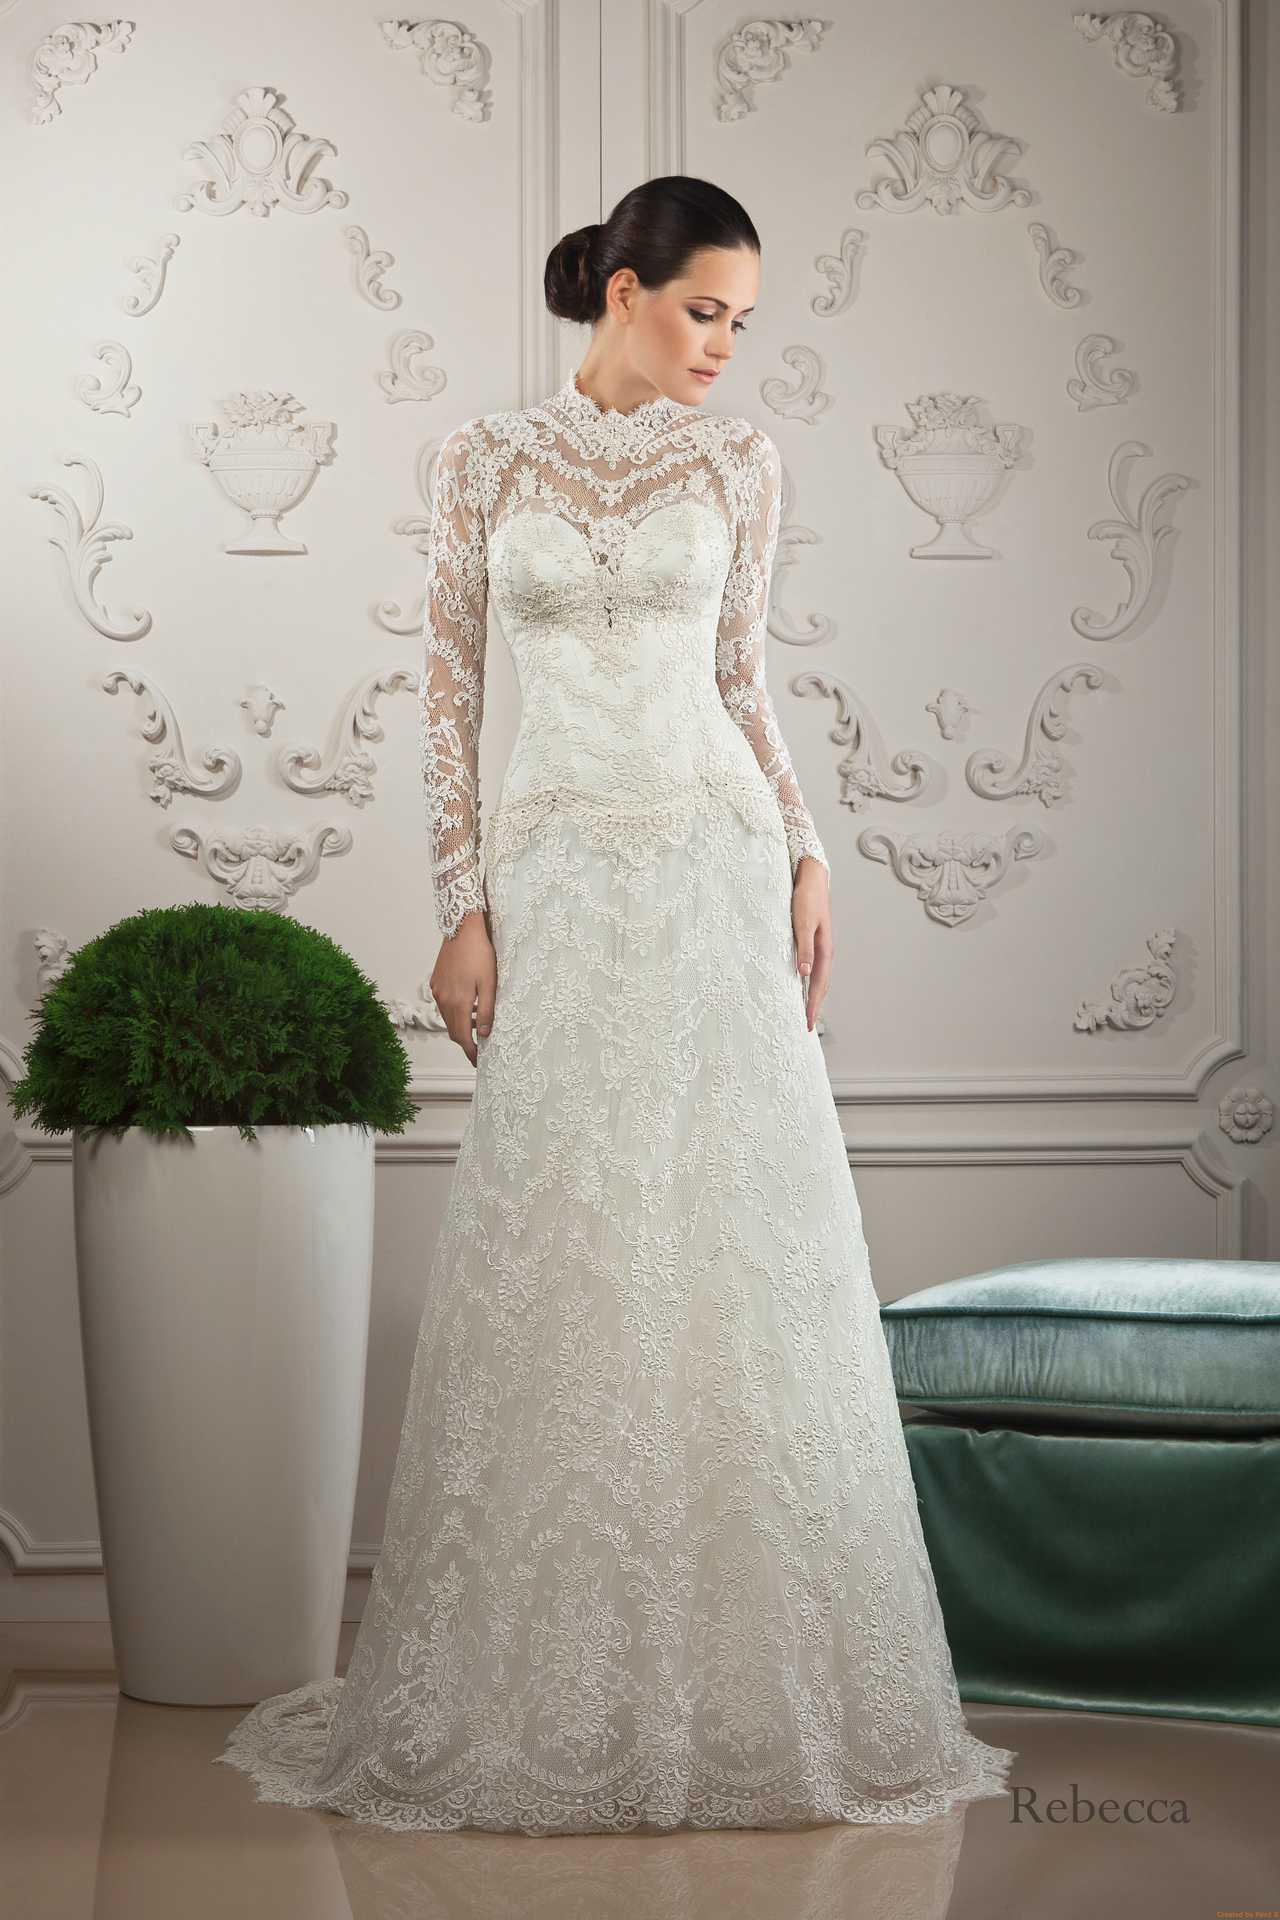 Купить свадебное платье дешево в спб